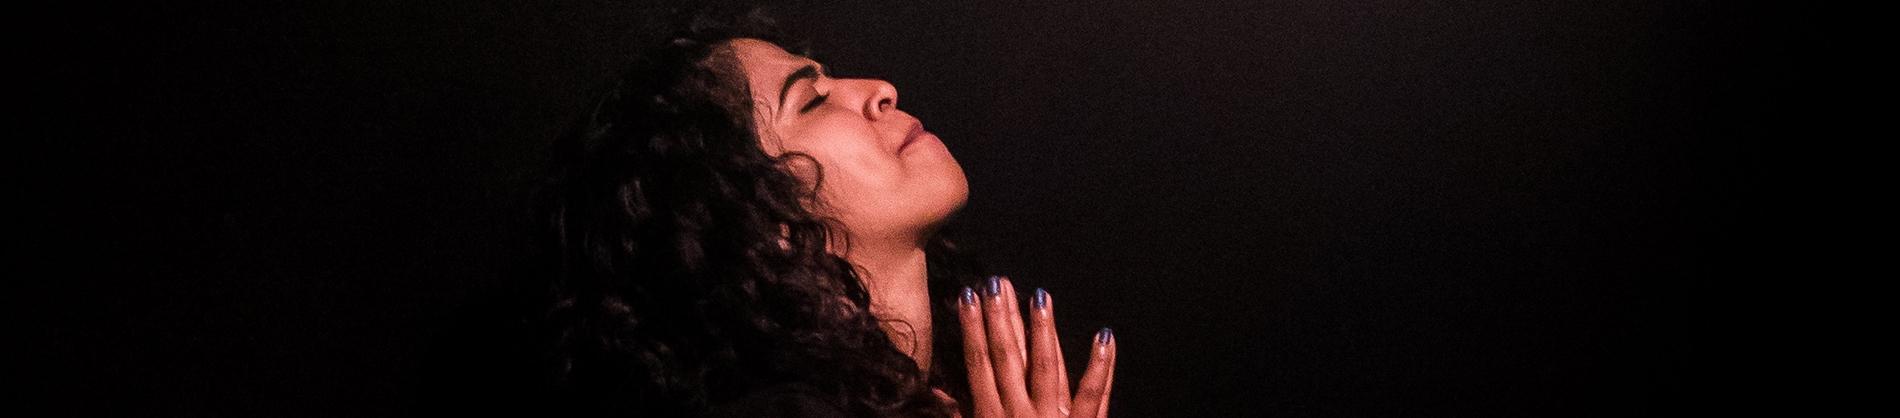 A women deep in prayer